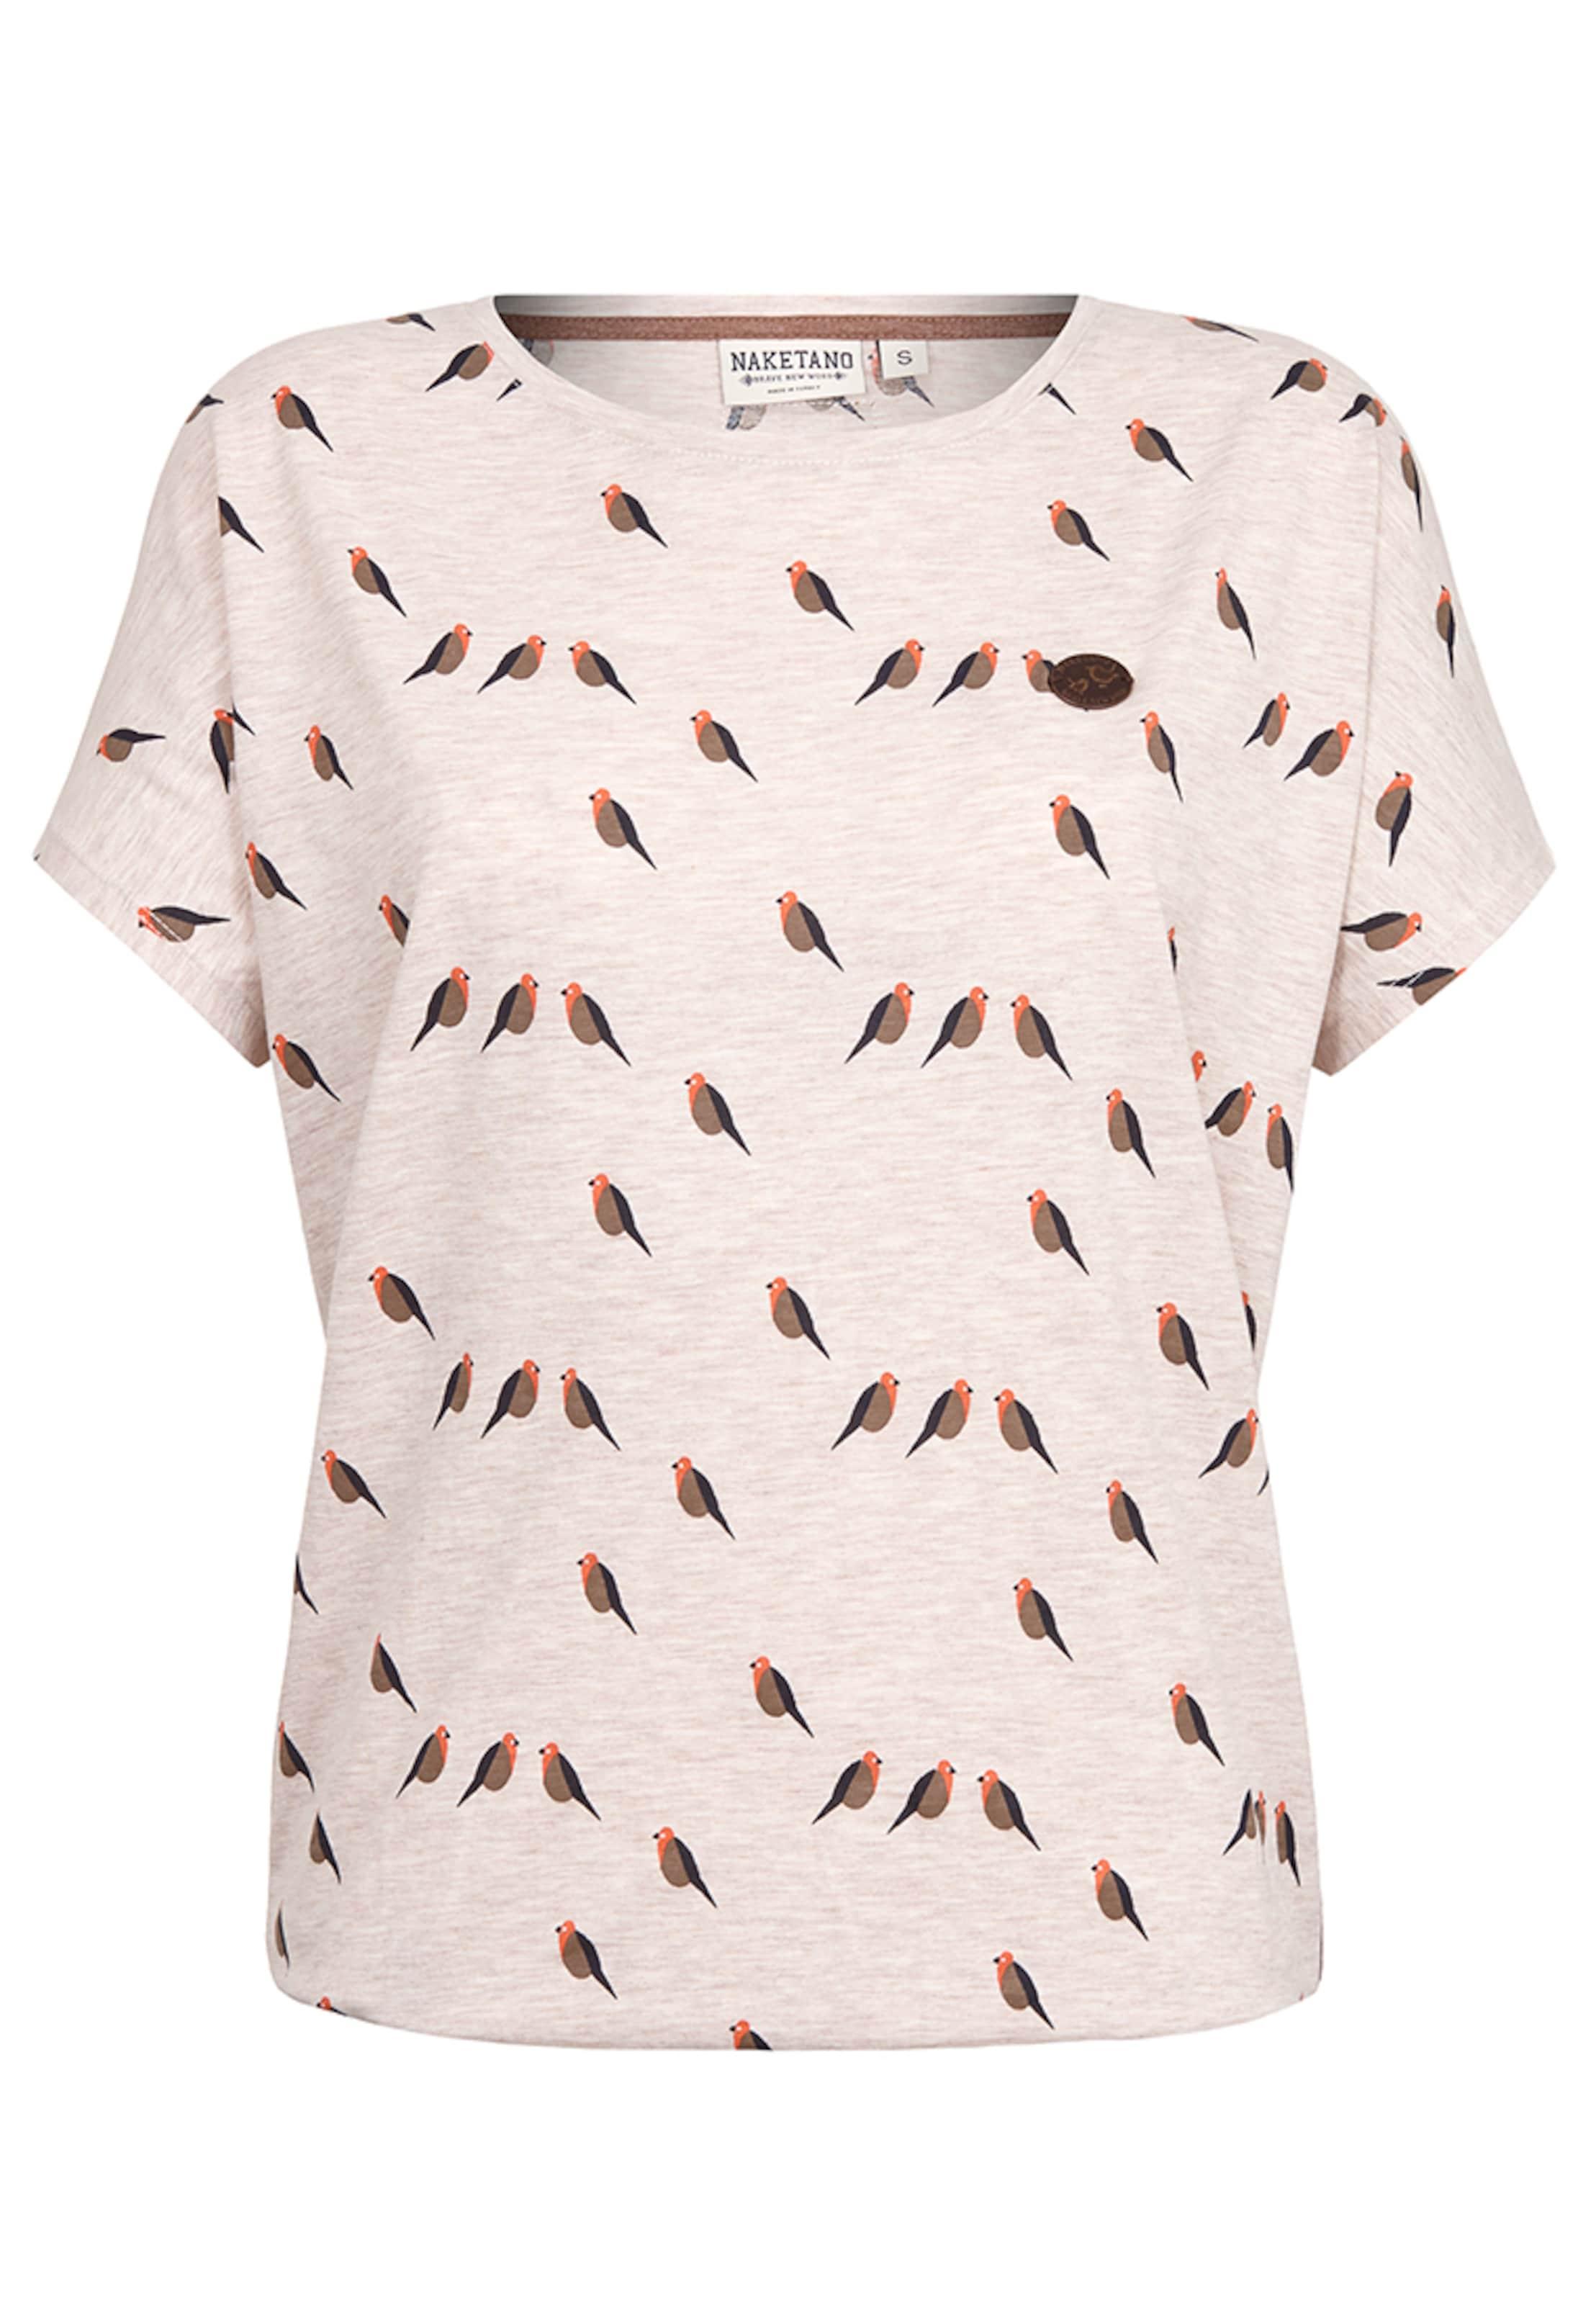 Freies Verschiffen Authentische Sast Zum Verkauf naketano T-Shirt 'Doofmann Girl V' Rabatt Neue Stile 2MPaW6